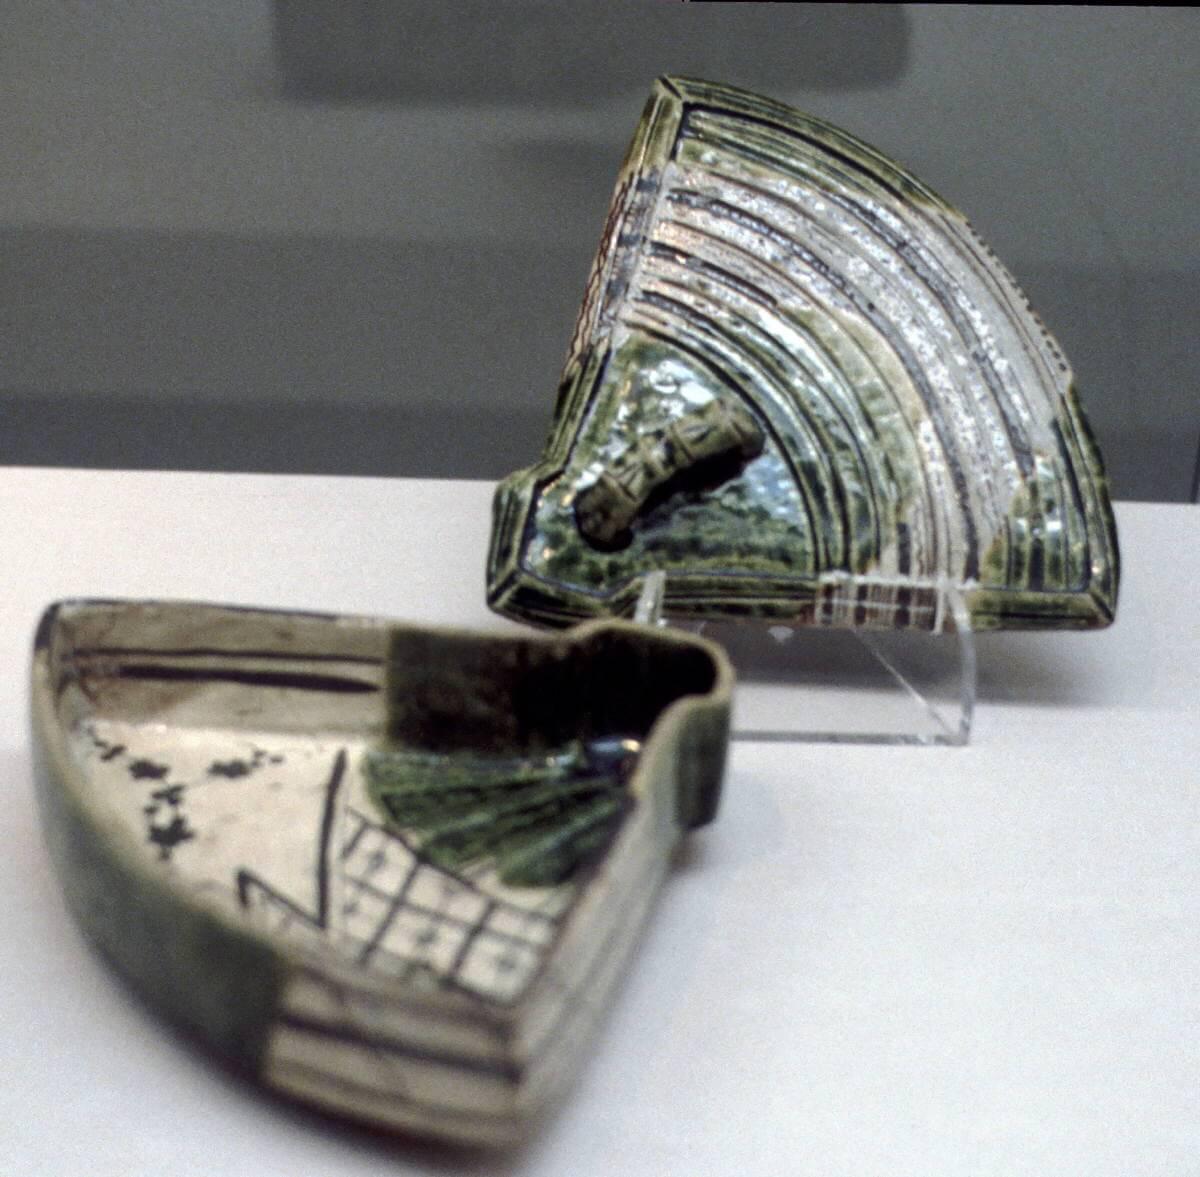 Oribe pottery ware